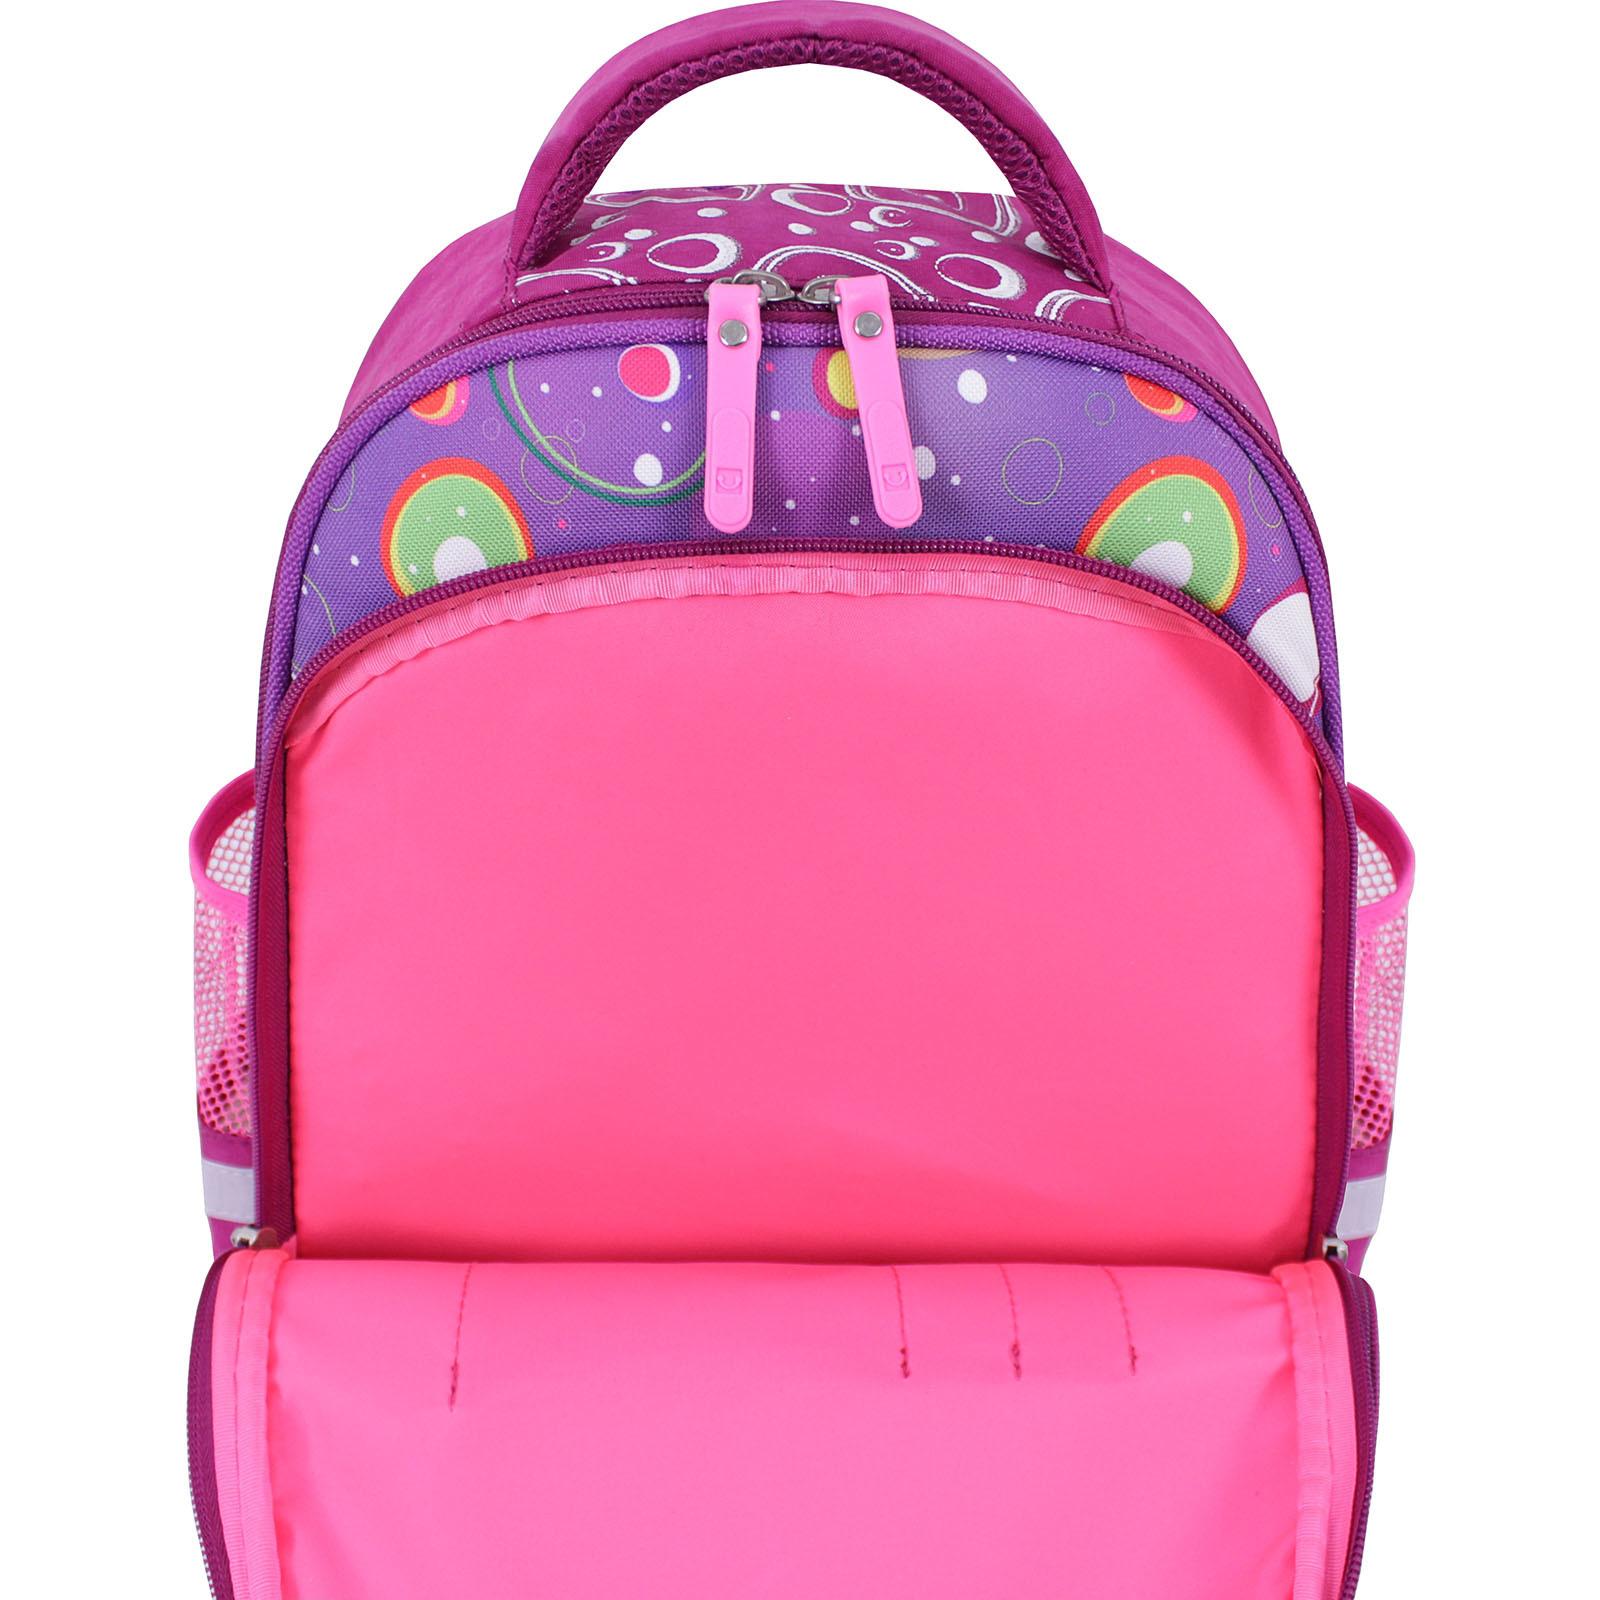 Рюкзак школьный Bagland Mouse 143 малиновый 501 (0051370) фото 5